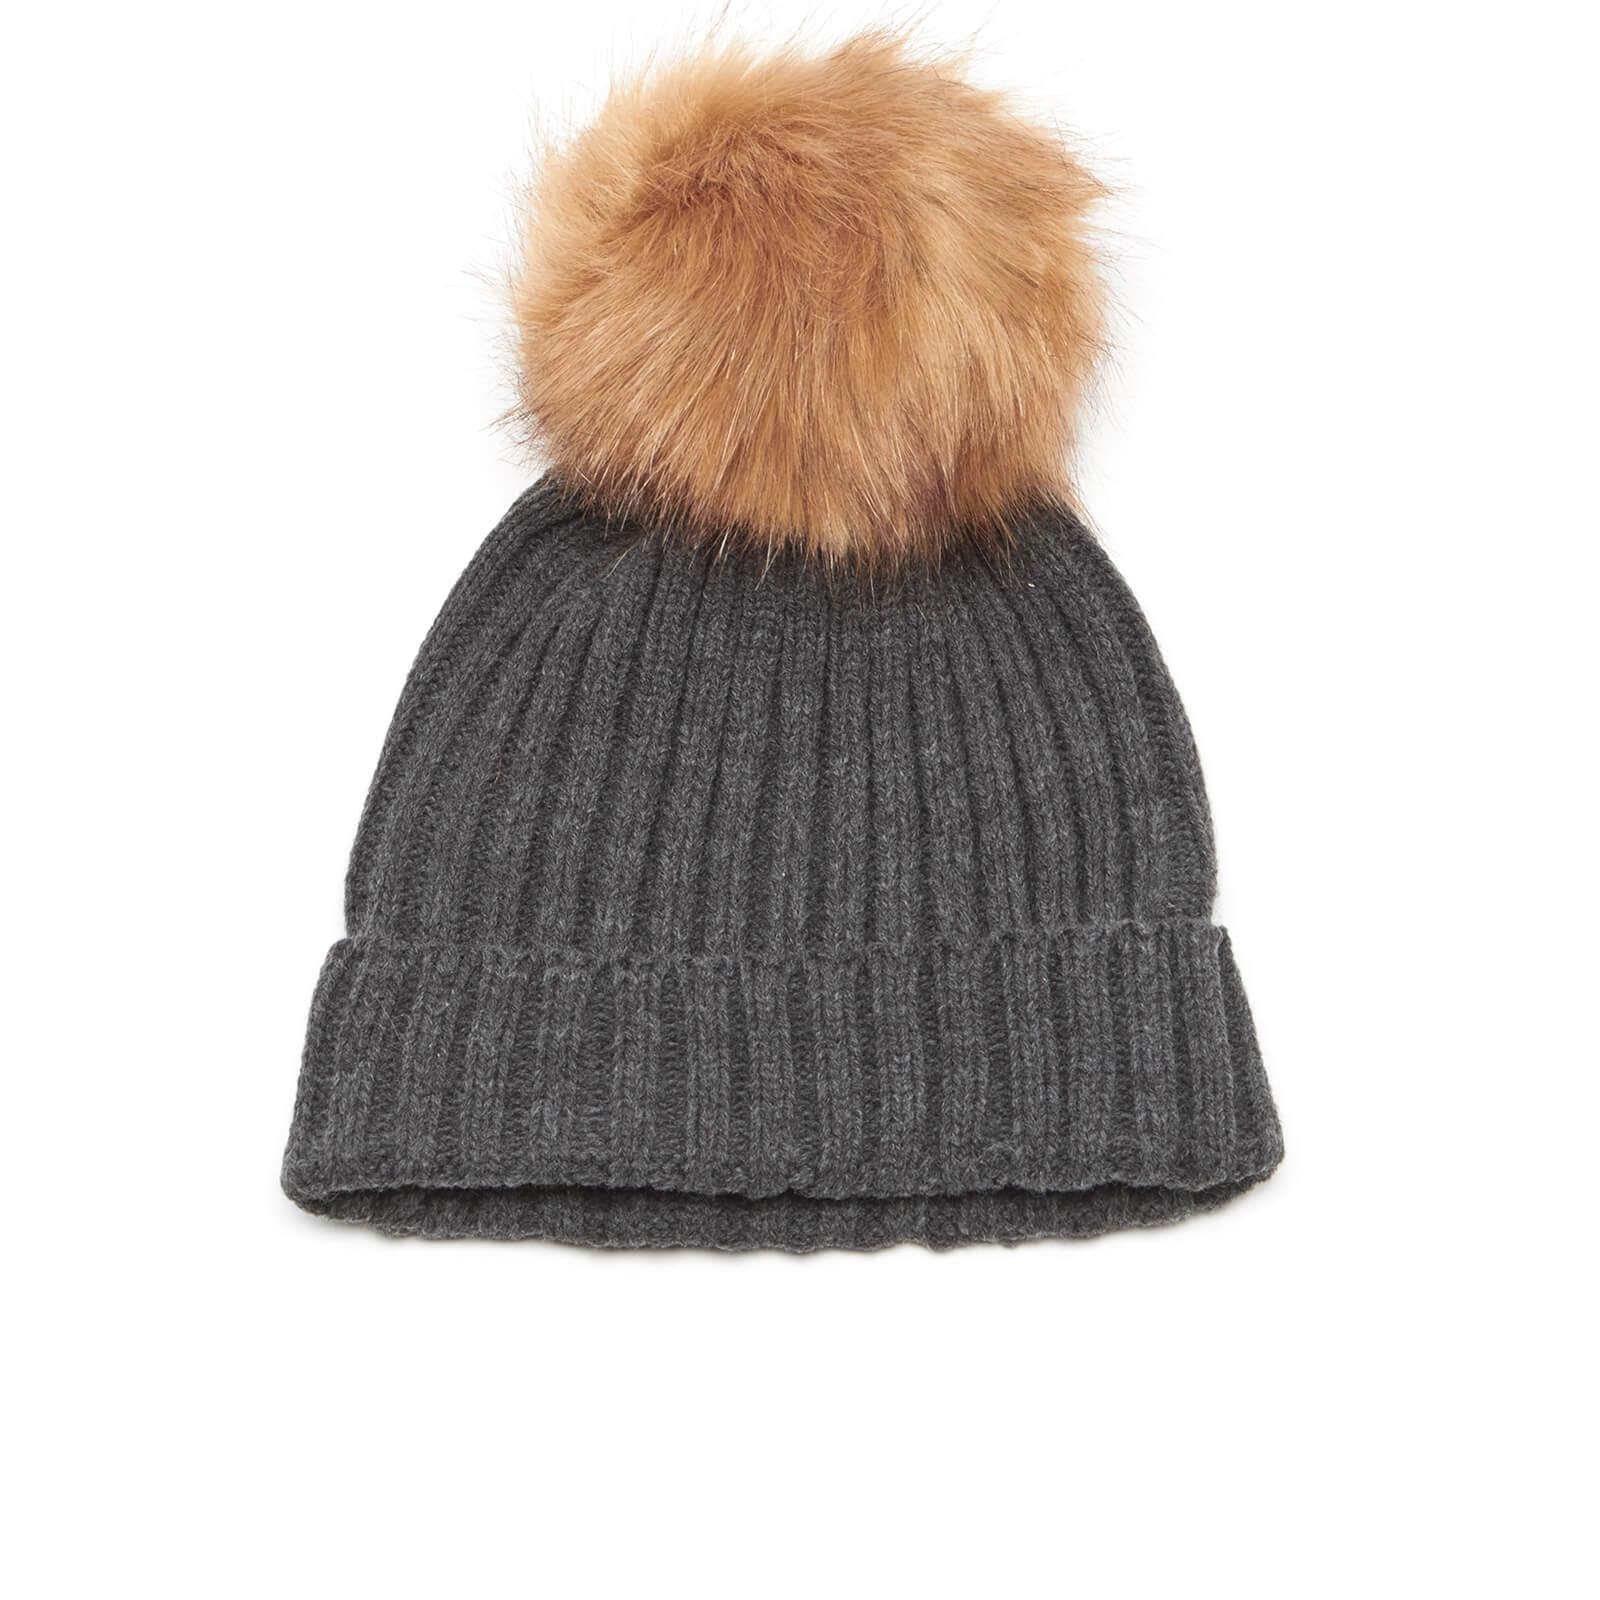 57fae2373 Vero Moda Women's Sidse Beanie Hat - Dark Grey Melange